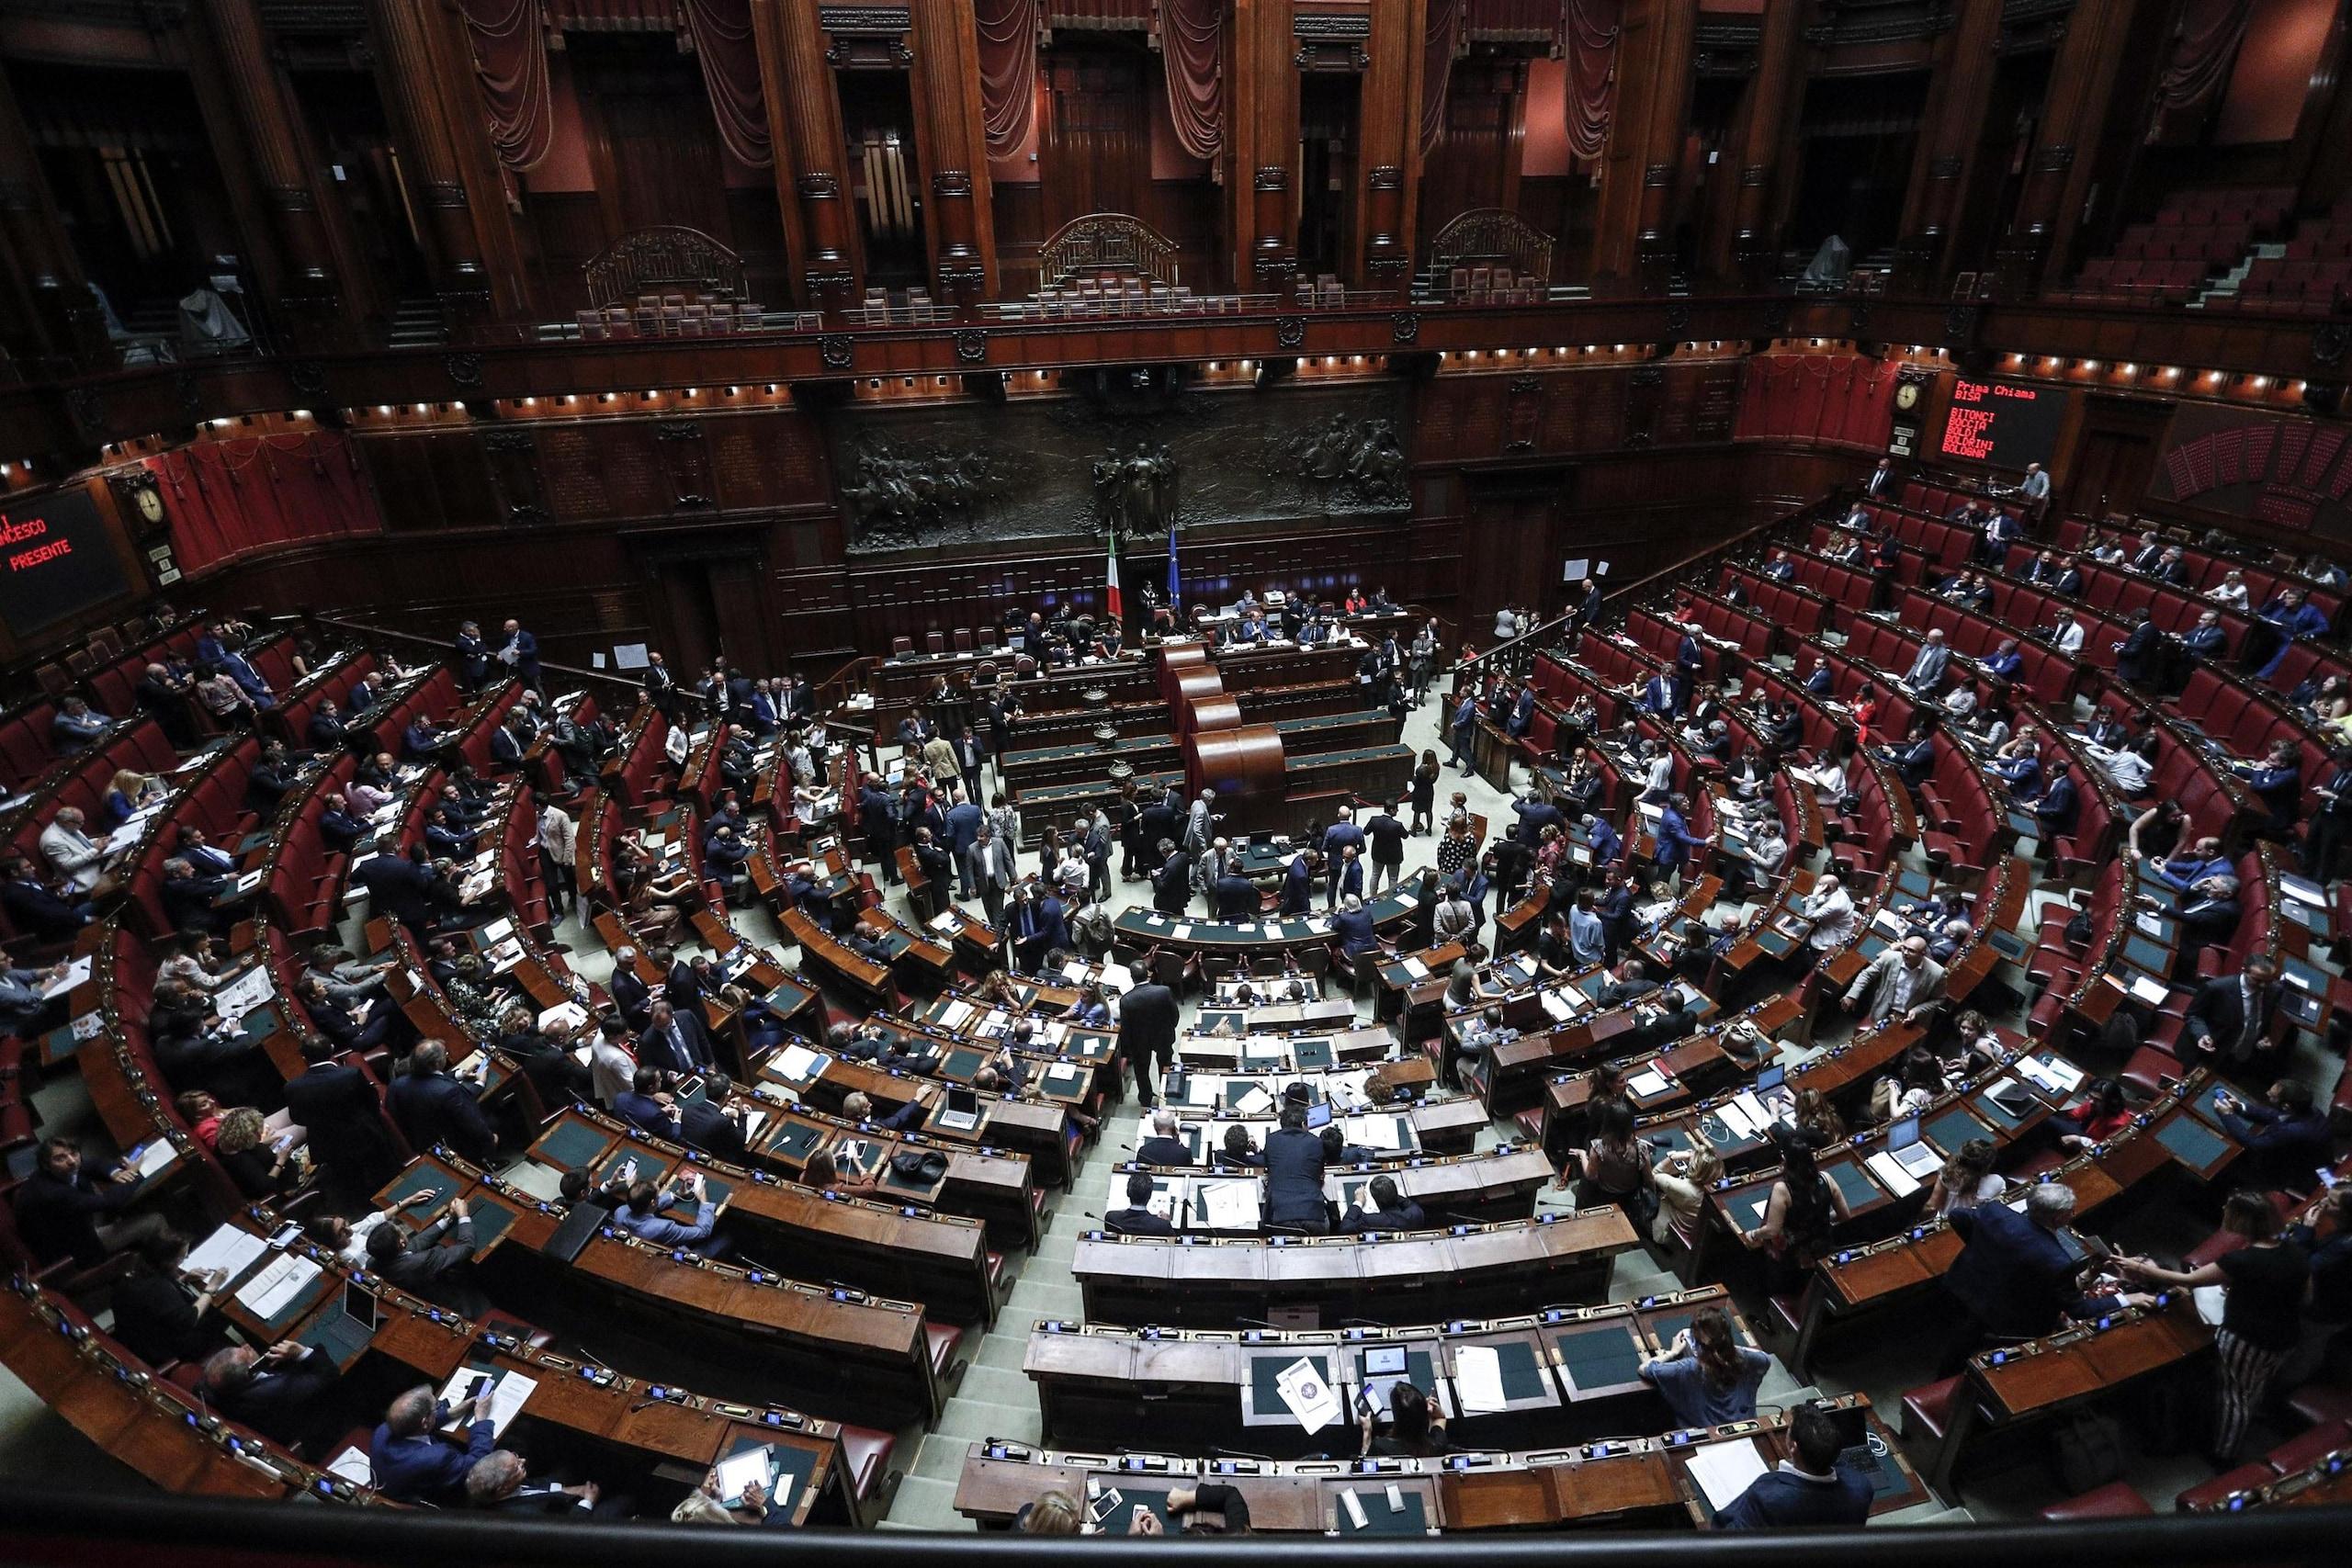 Rai parlamento sceglie 4 membri per cda corriere dello for Parlamento rai